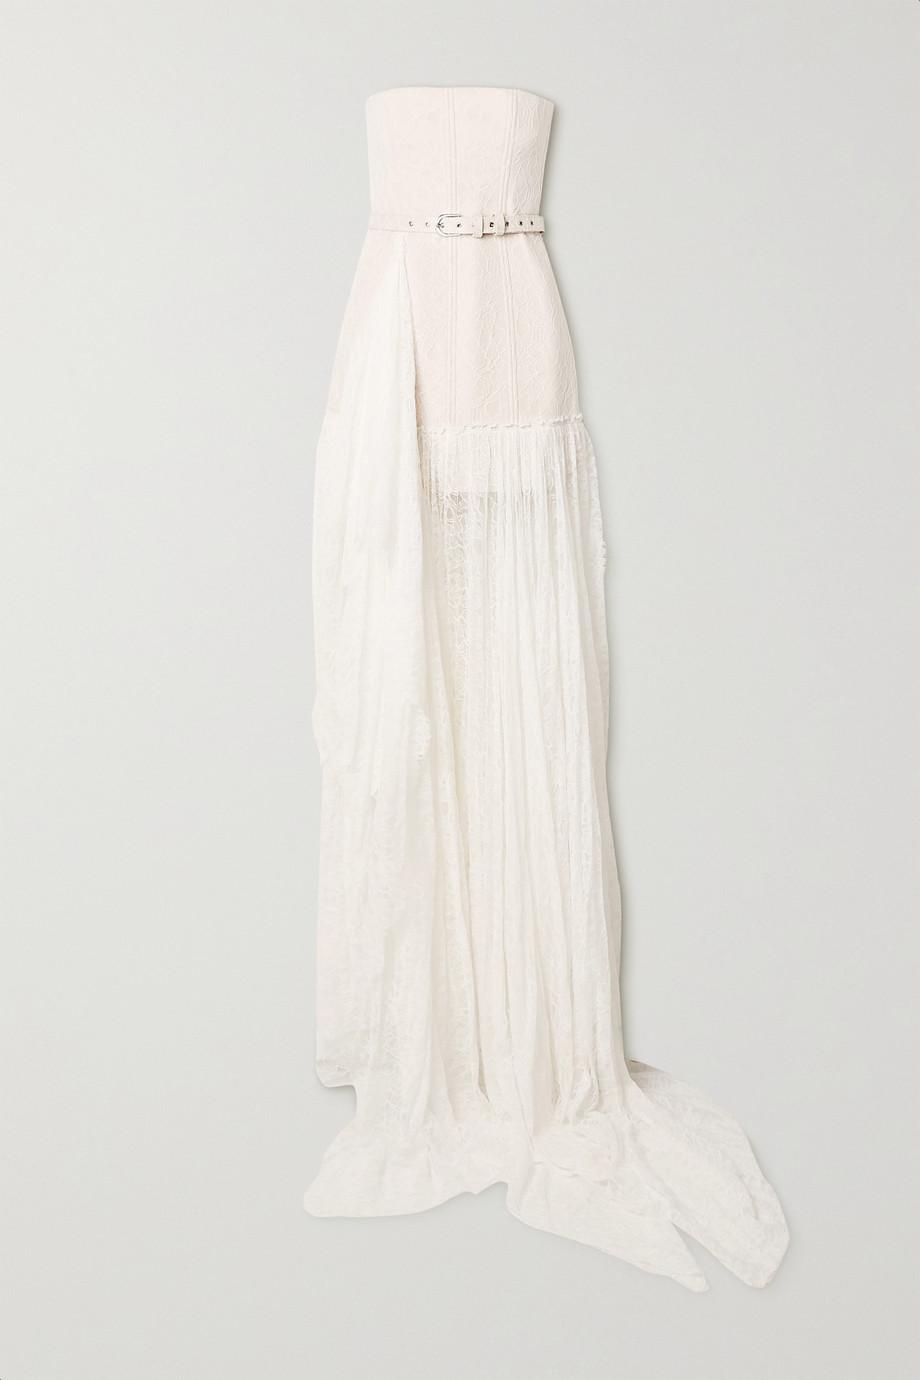 Danielle Frankel Delphine trägerlose Robe aus schnurgebundener Spitze mit Gürtel